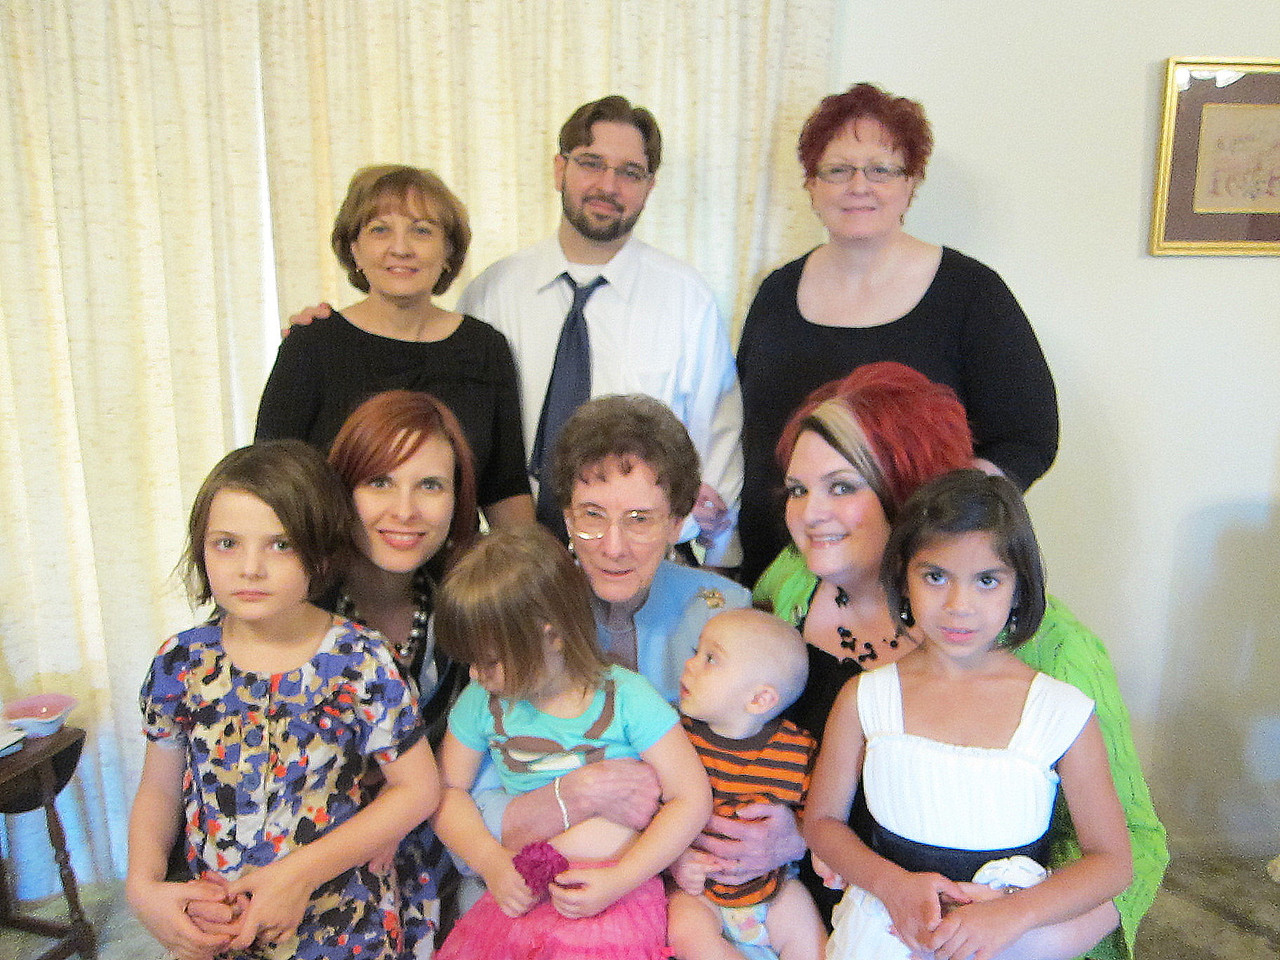 Mama and her daughters/grandchildren/great-grandchildren